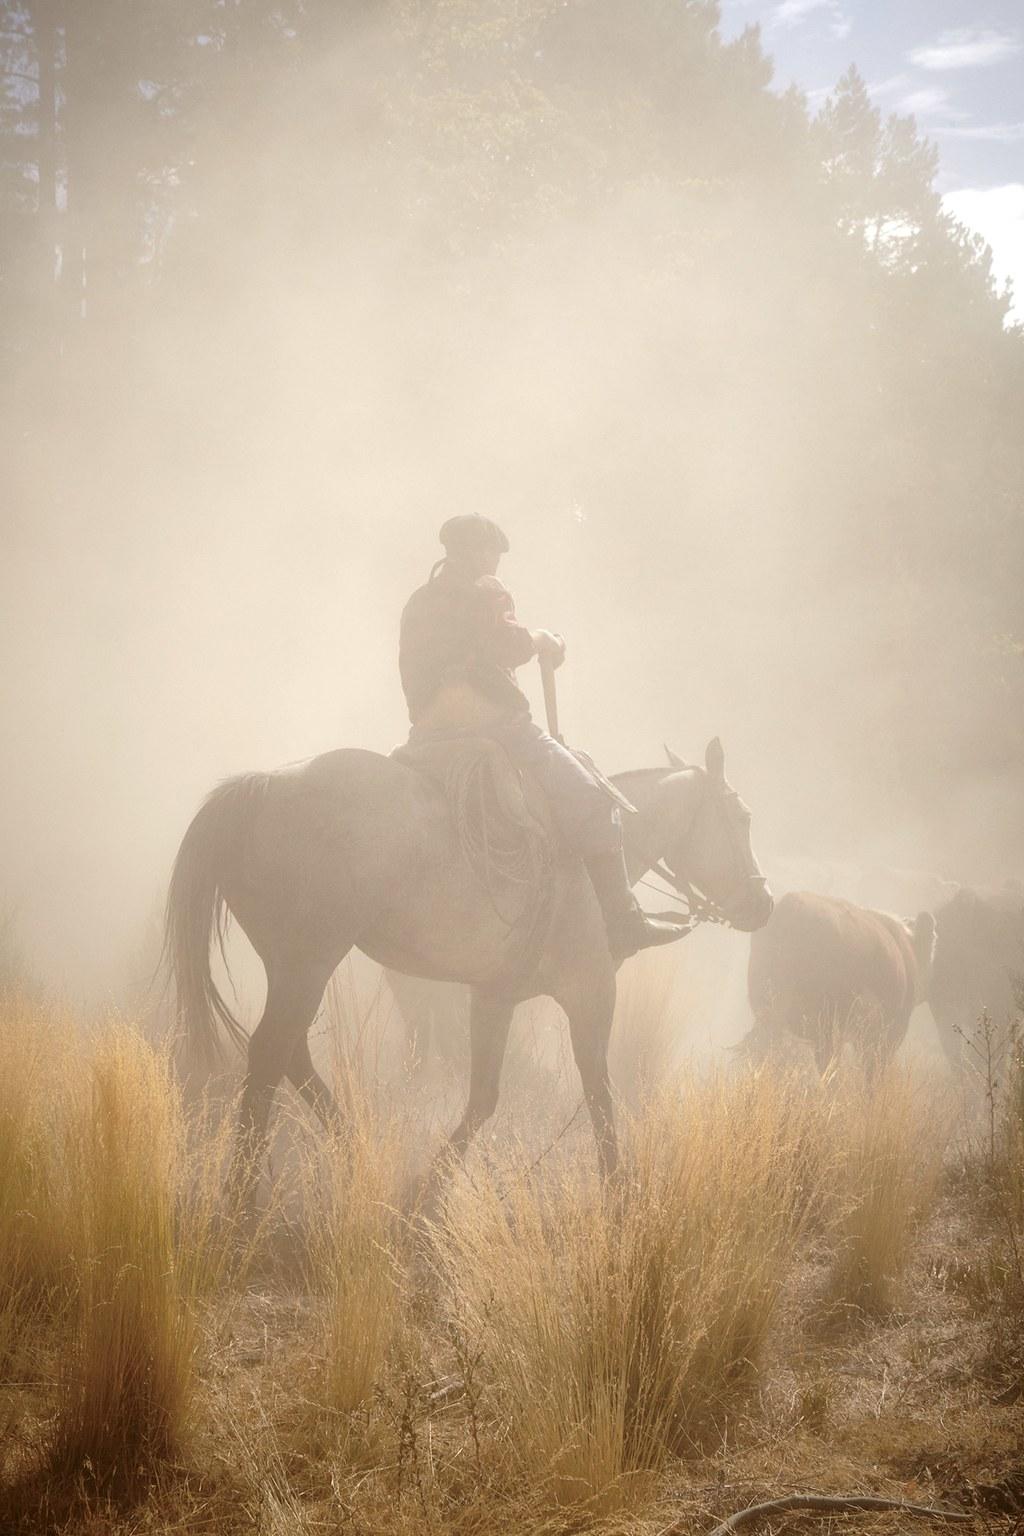 A gaucho herding cattle through desert dust.